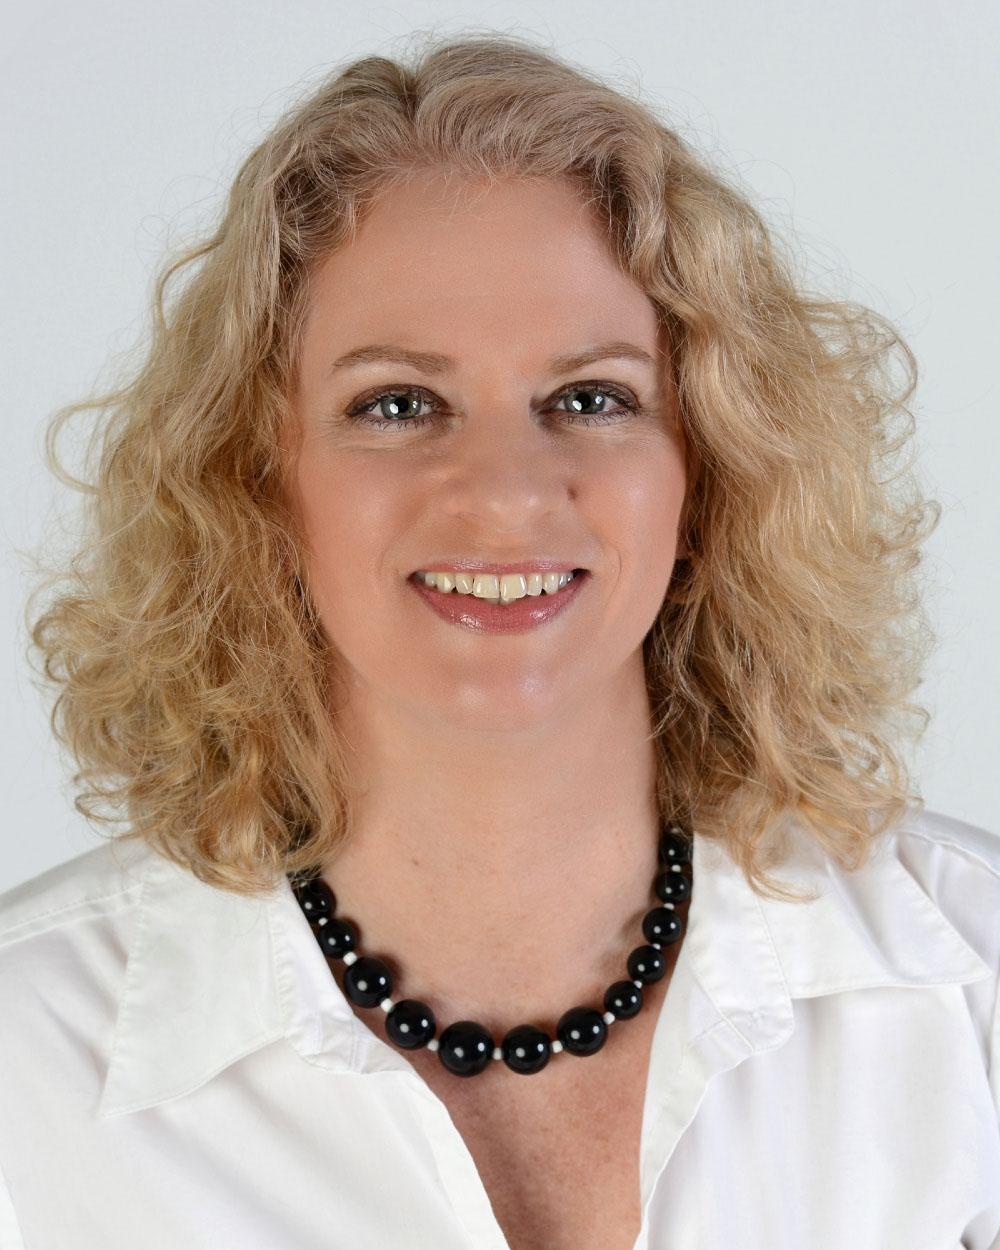 Karen Phelan